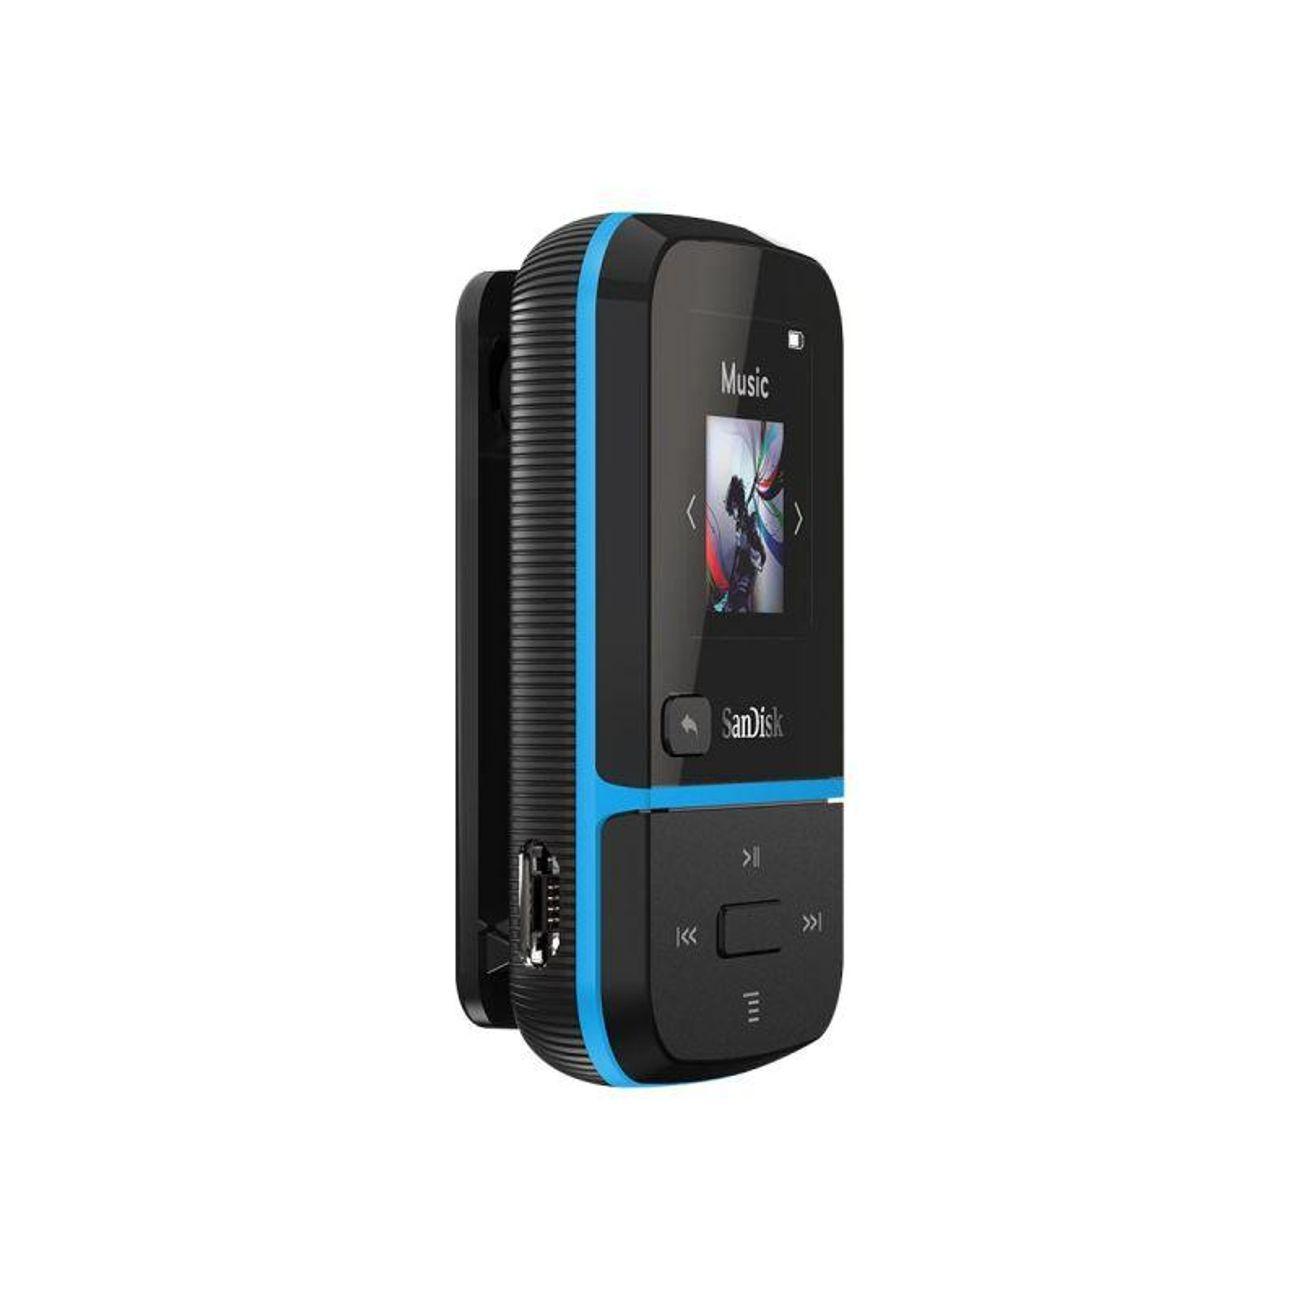 NO NAME SanDisk MP3 Clip Sport Go 32GB blue retail SDMX30-032G-G46B